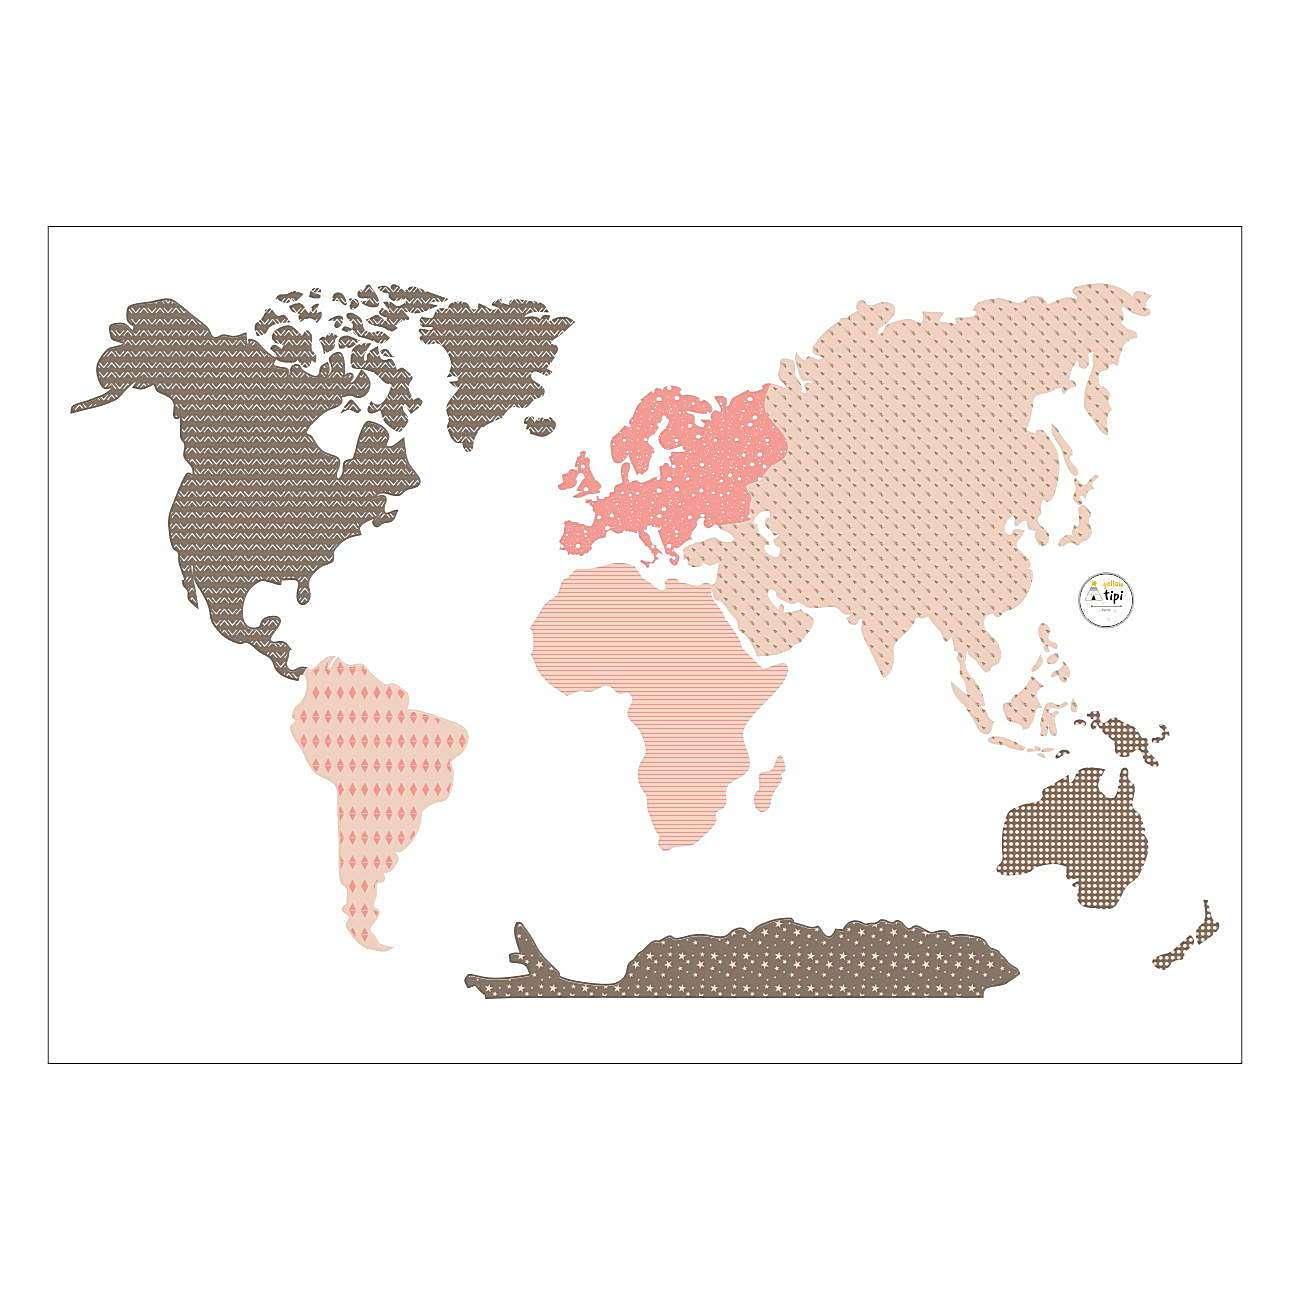 Pasaulio žemėlapio rožinis lipdukas